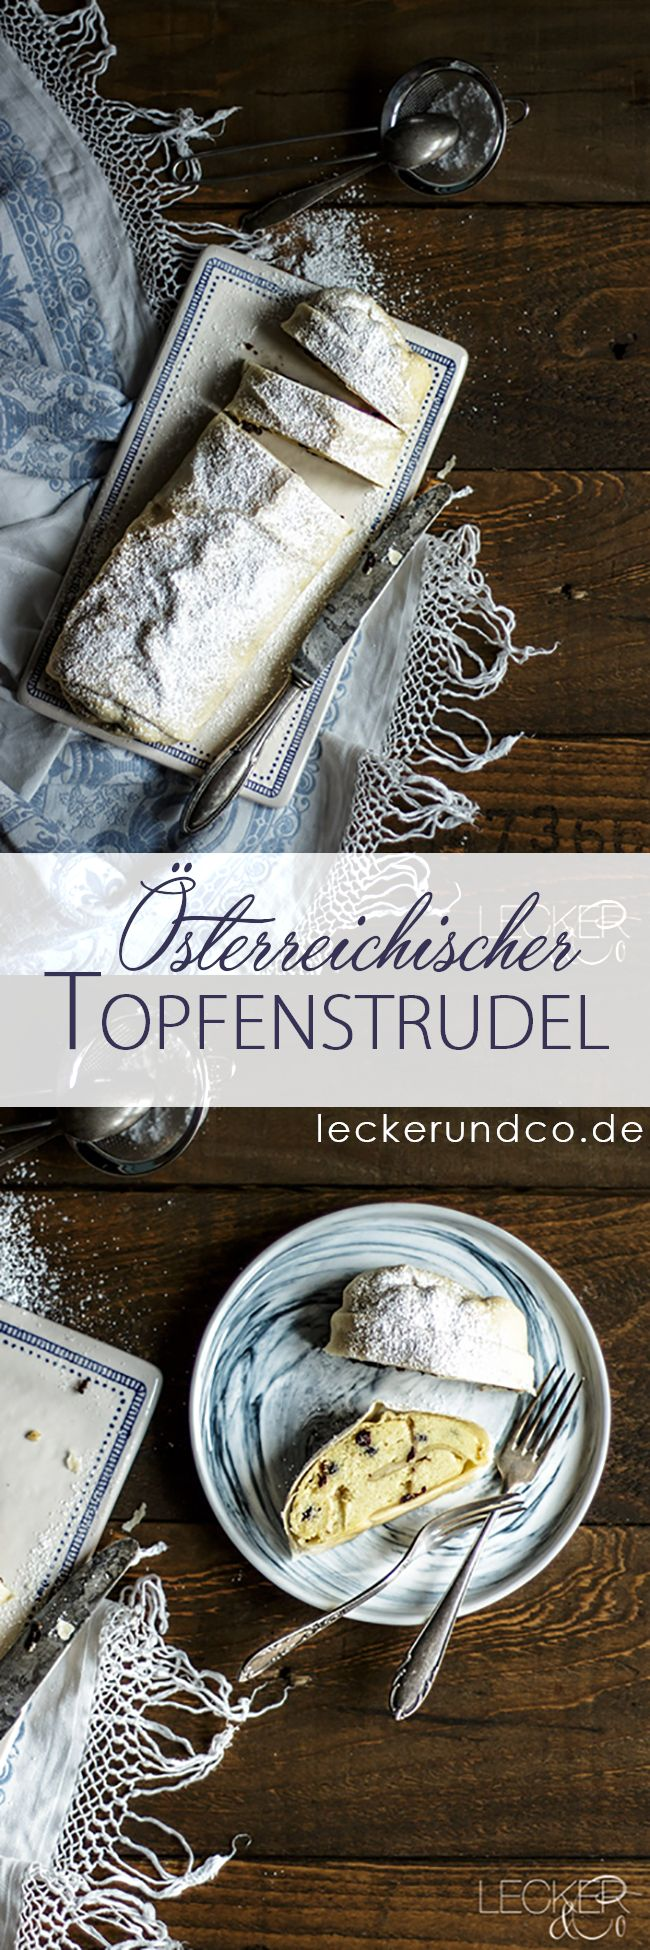 Topfenstrudel aus Österreich